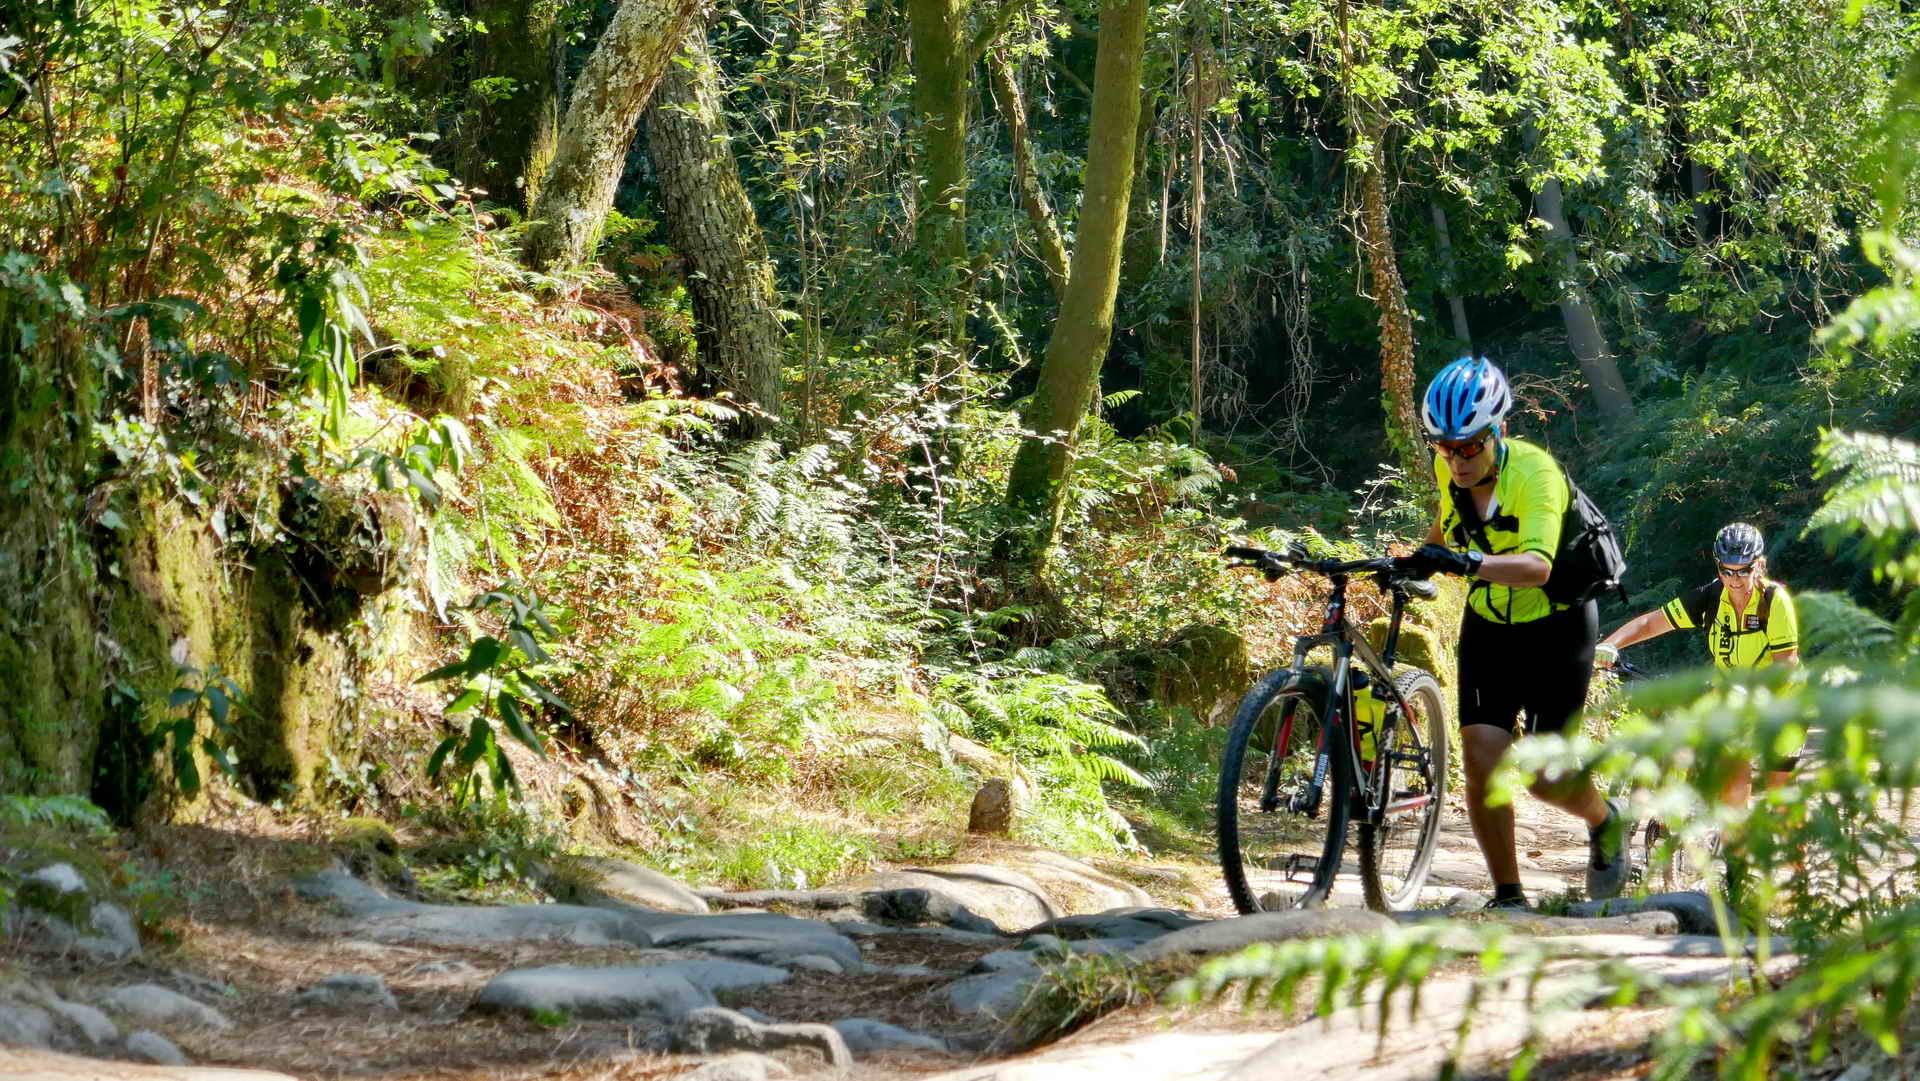 camino de santiago de compostela portugal bike tour